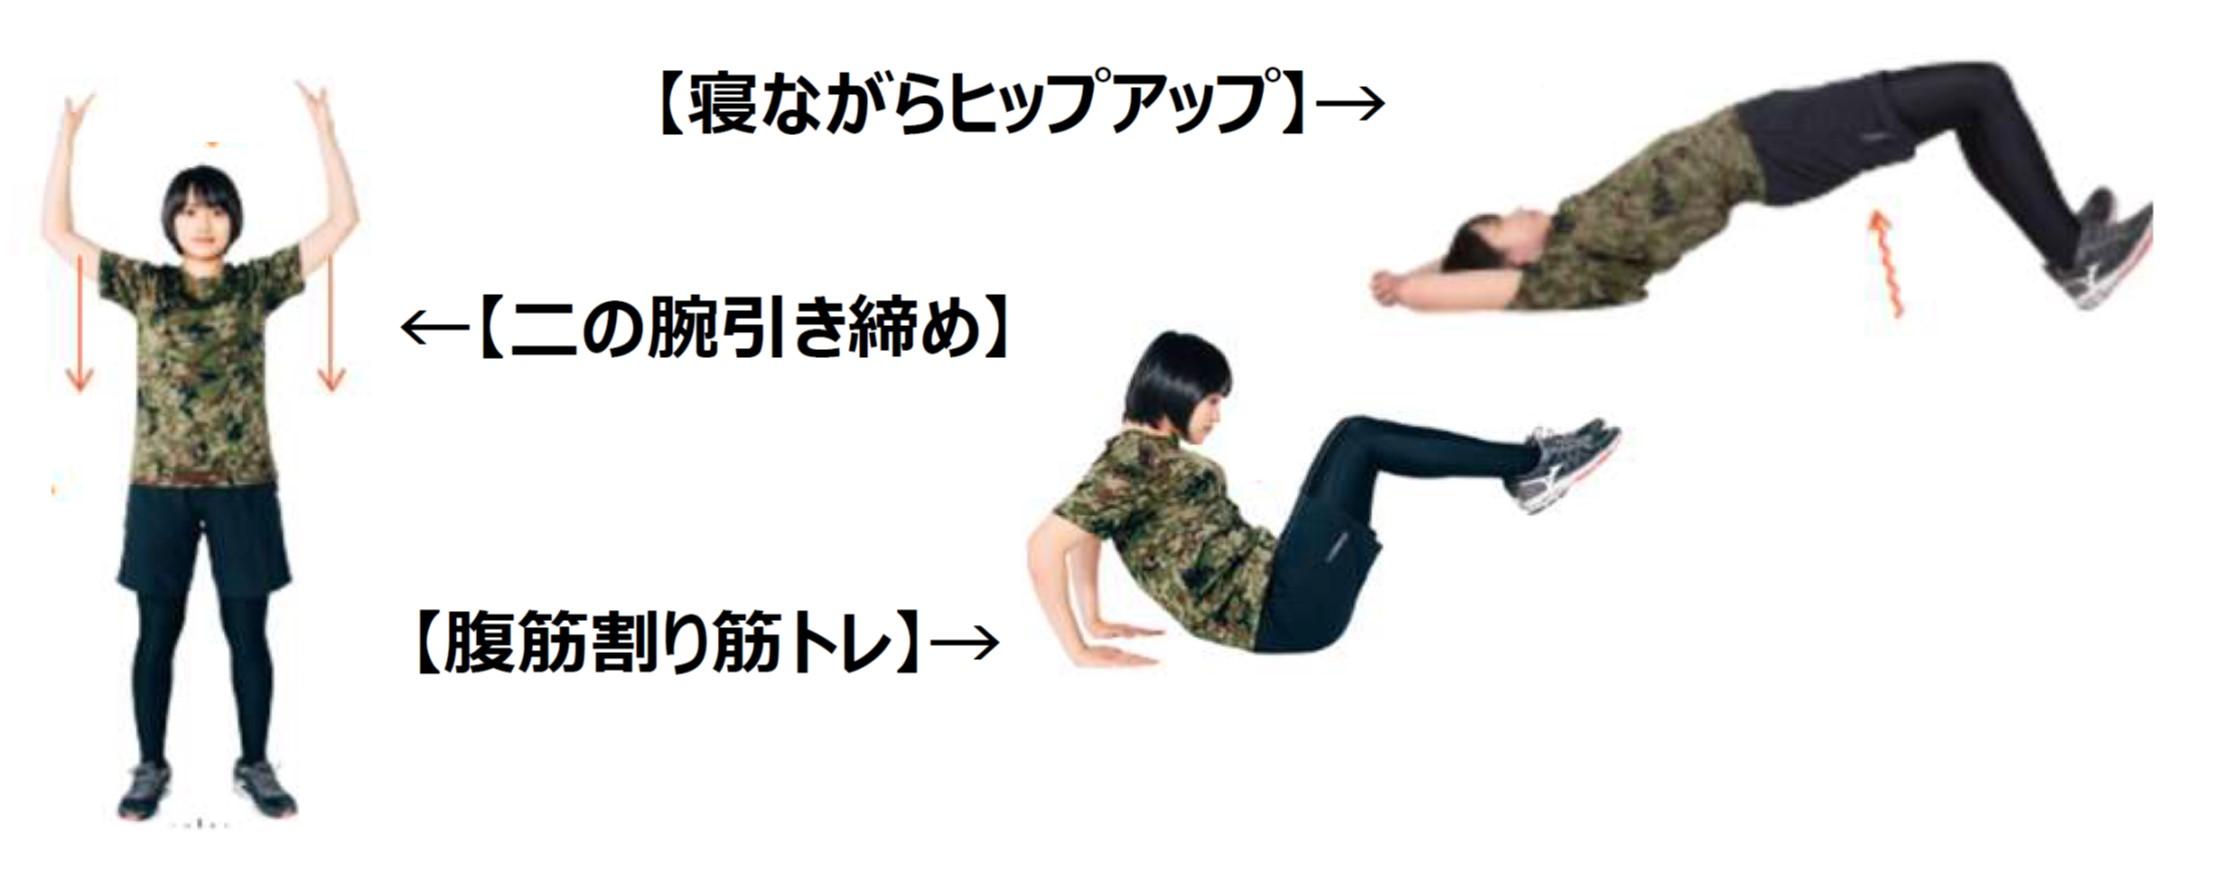 画像は、『YouTubeで超人気! 元女性自衛官かざりの即やせダイエット個人授業』(宝島社)より